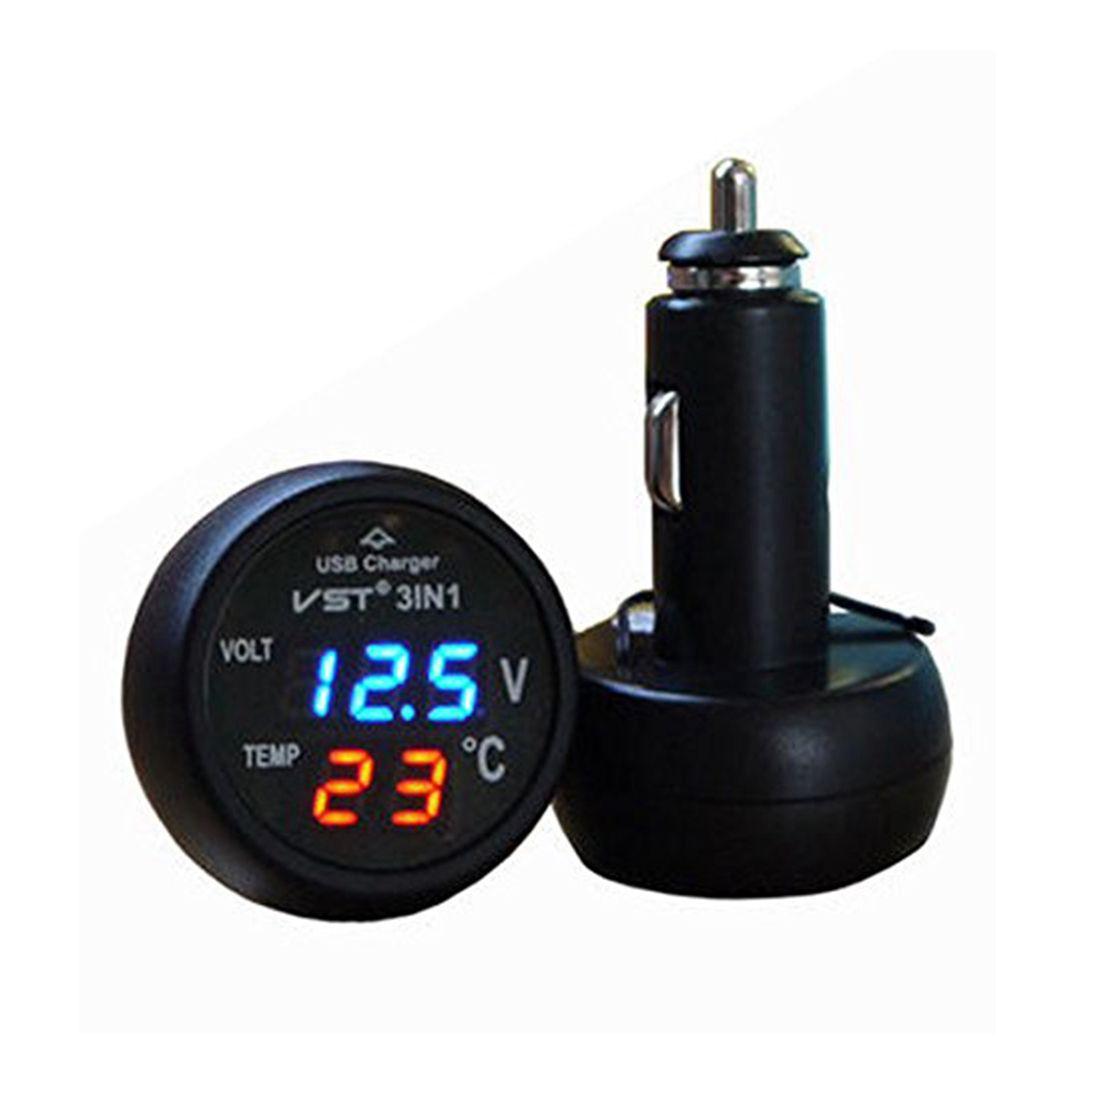 ca84e684042 3 in 1 Digital LED car Voltmeter Thermometer 12/24V Cigarette Lighter USB  Car Charger (Blue&Red Display)